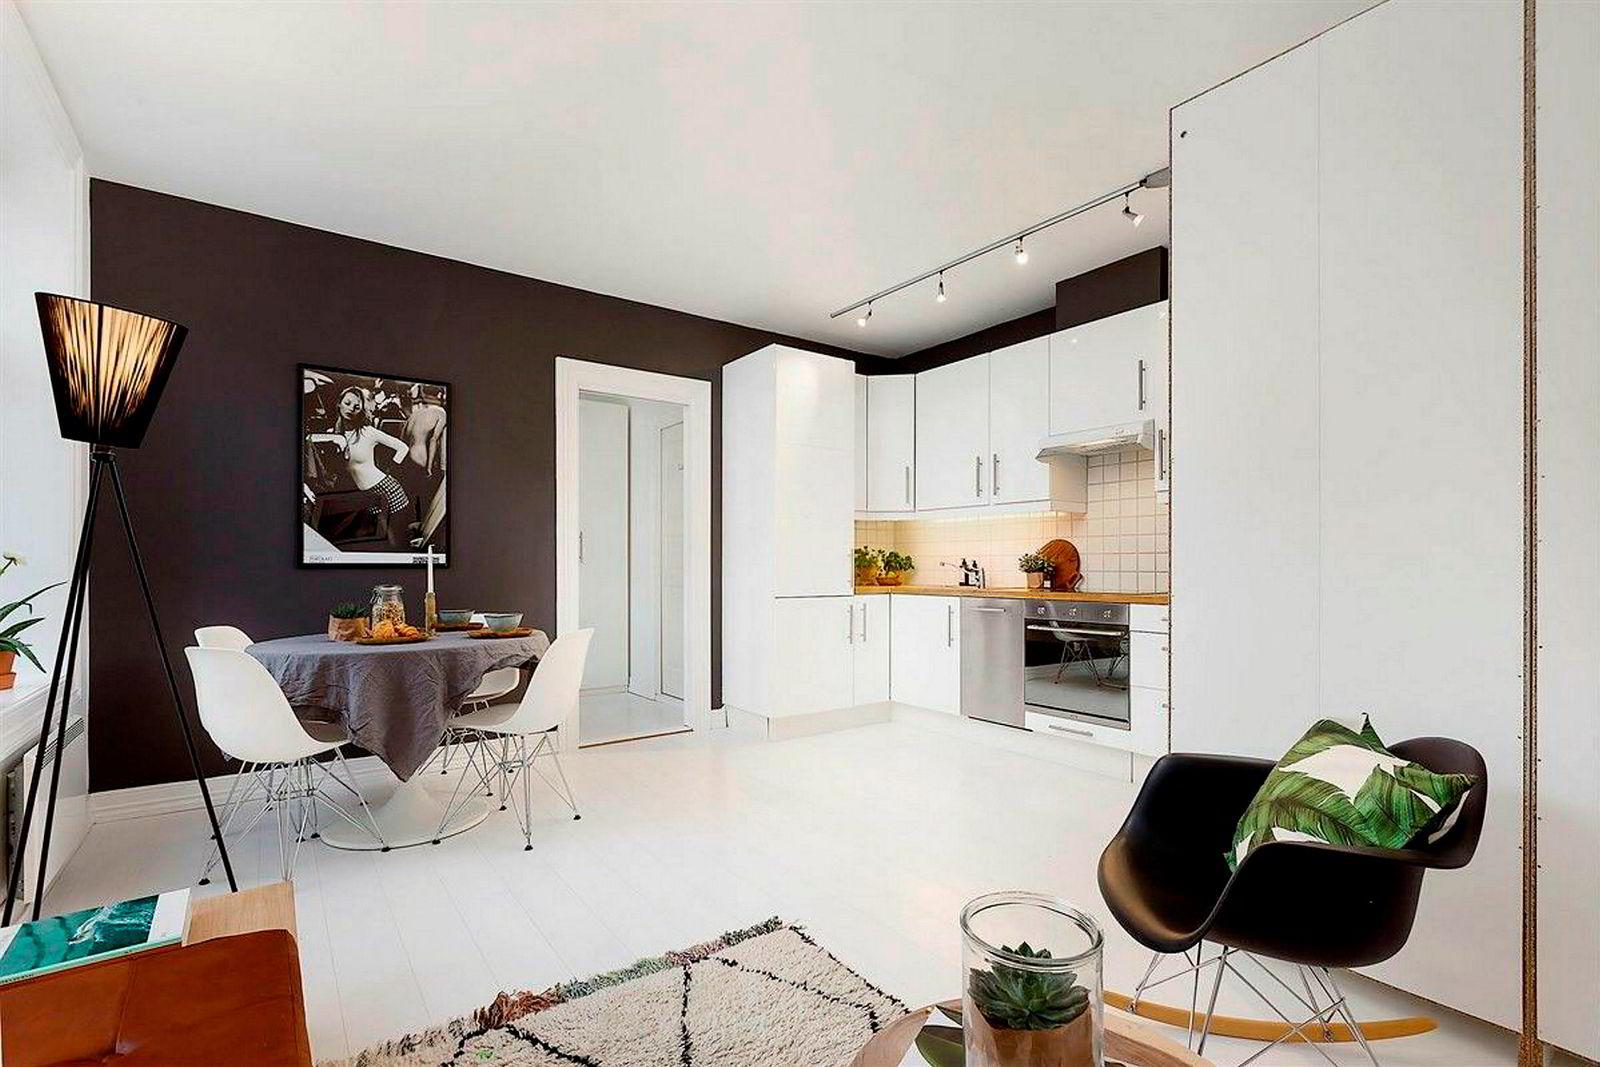 Denne 30 kvadratmeter store toromsleiligheten på Grünerløkka i Oslo hadde en prisantydning på 2,8 millioner kroner, og ble nylig solgt for 3,1 millioner kroner. Foto: Foto: Zovenfra/Nordvik & Partners